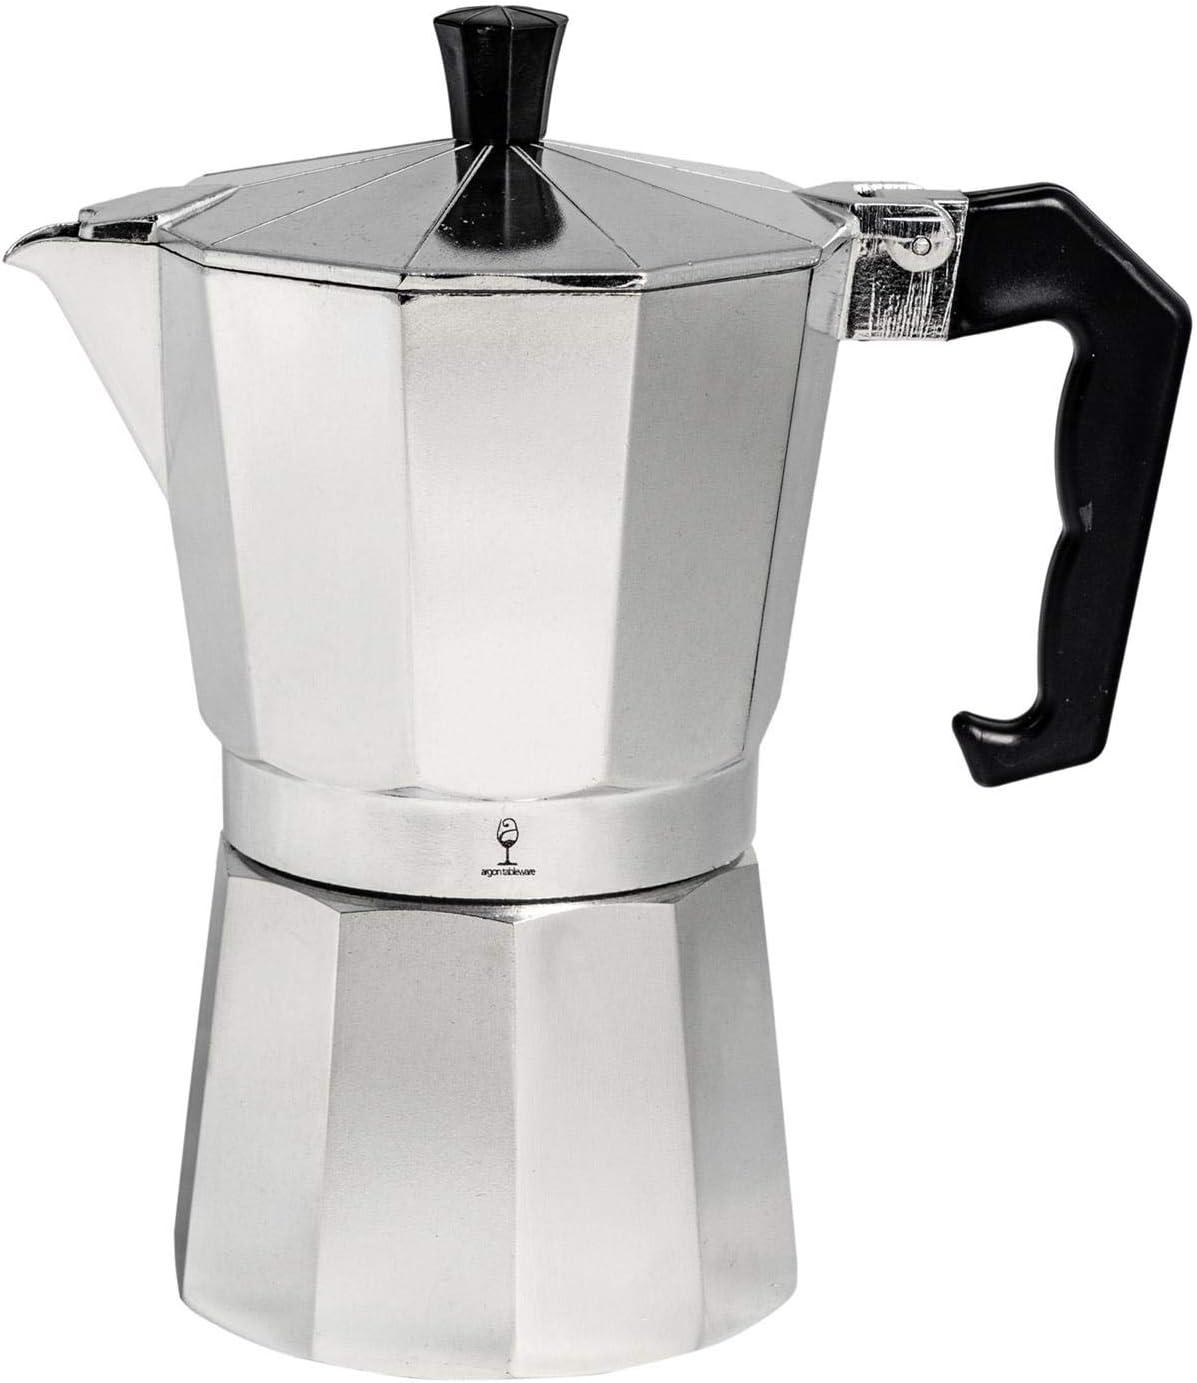 Cafetera Espresso al estilo italiano - Diseño tradicional - 6 tazas: Amazon.es: Hogar